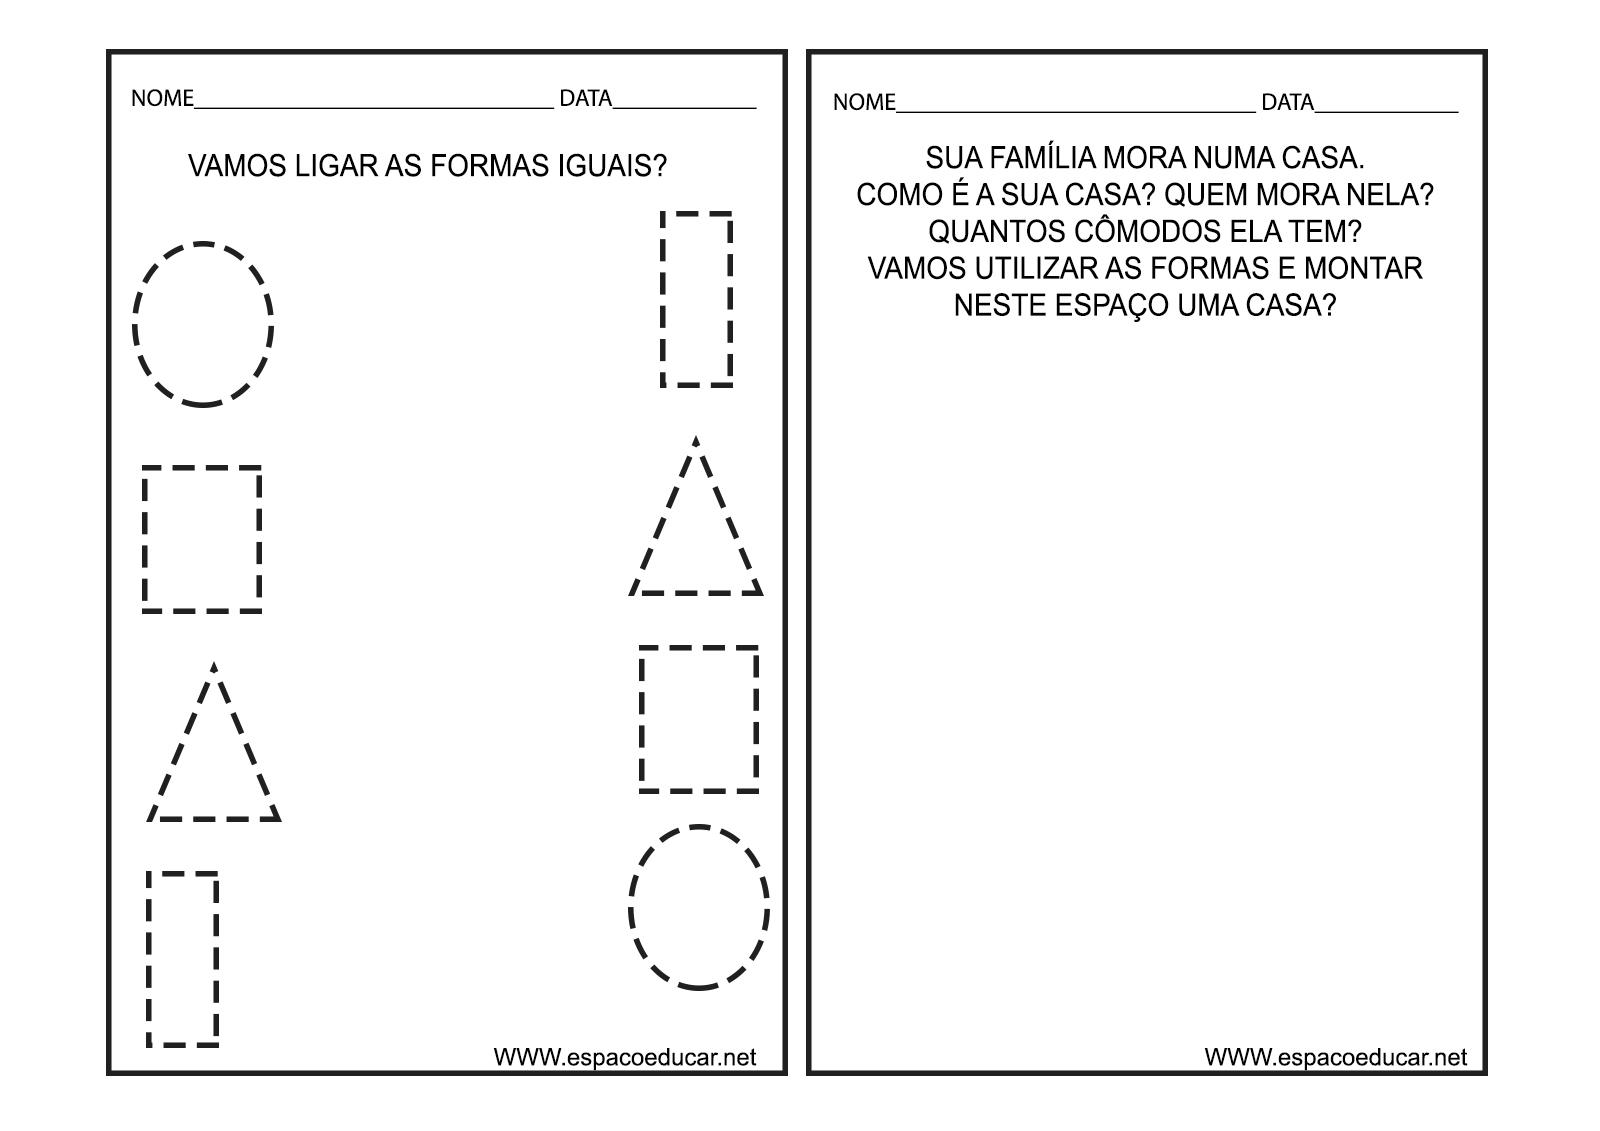 Amado ESPAÇO EDUCAR: Caderno de Atividades Cores e Formas para Educação  MJ72